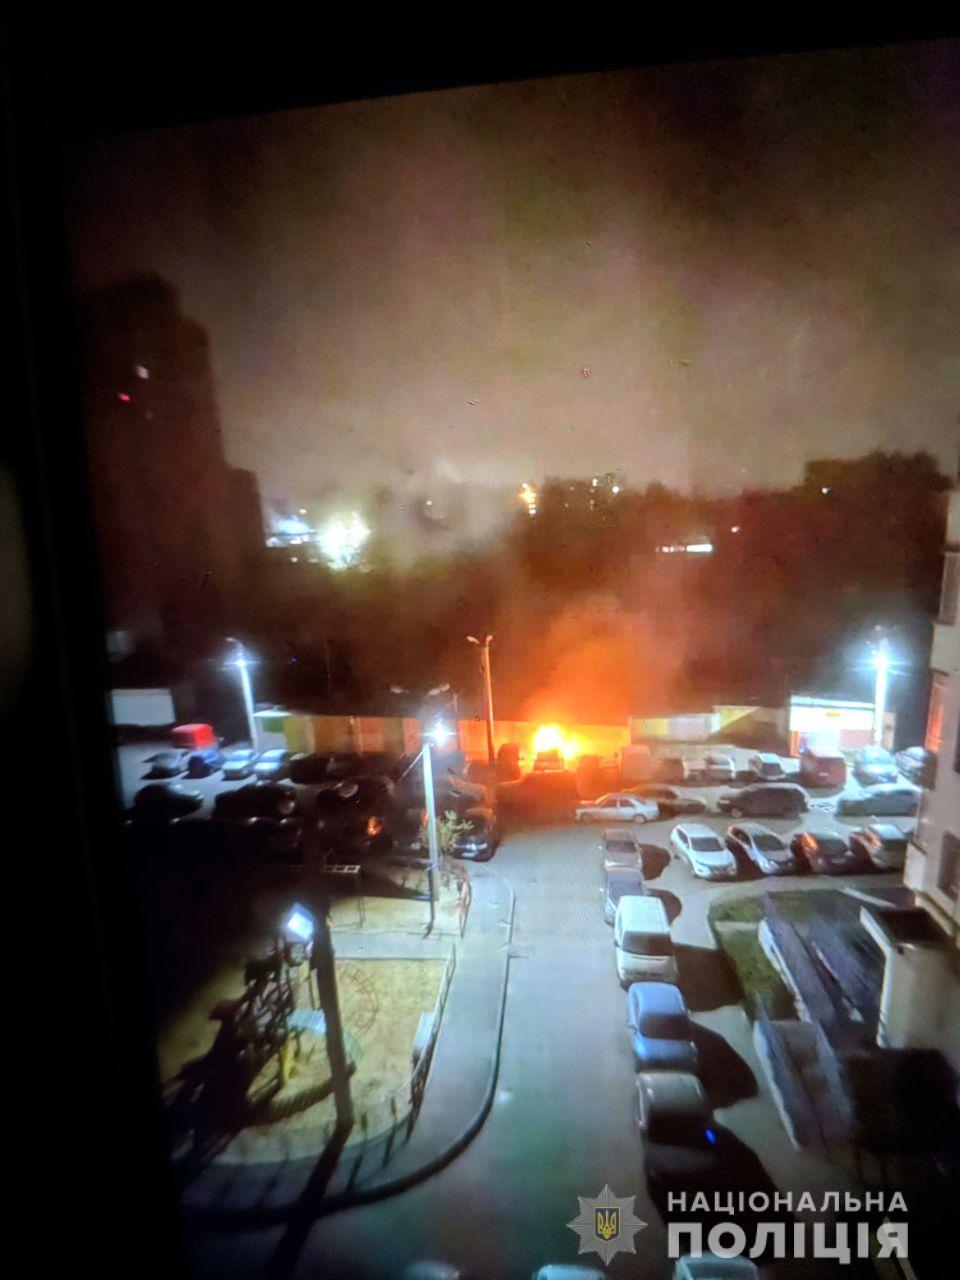 Возле многоэтажки в Харькове сгорели автомобили. Полиция не исключает поджог (фото)